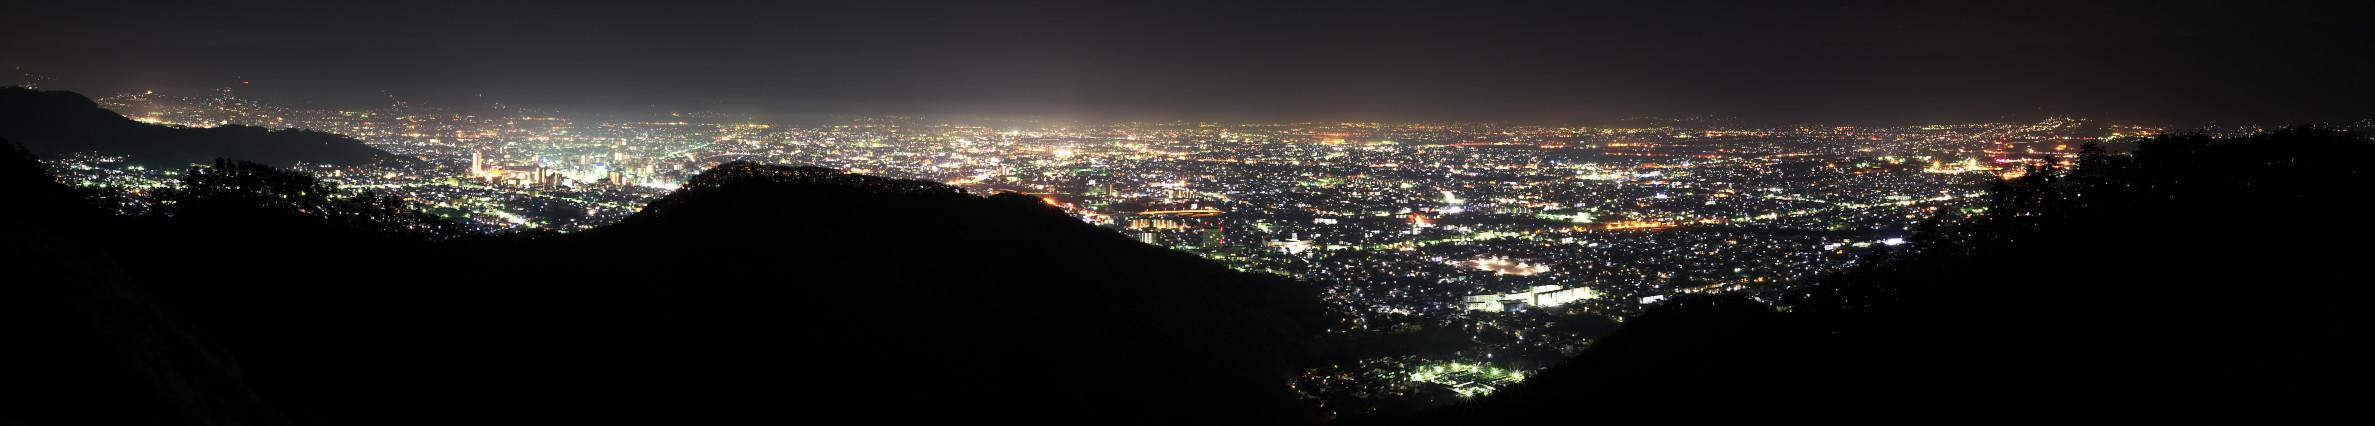 千代田湖白山.jpg